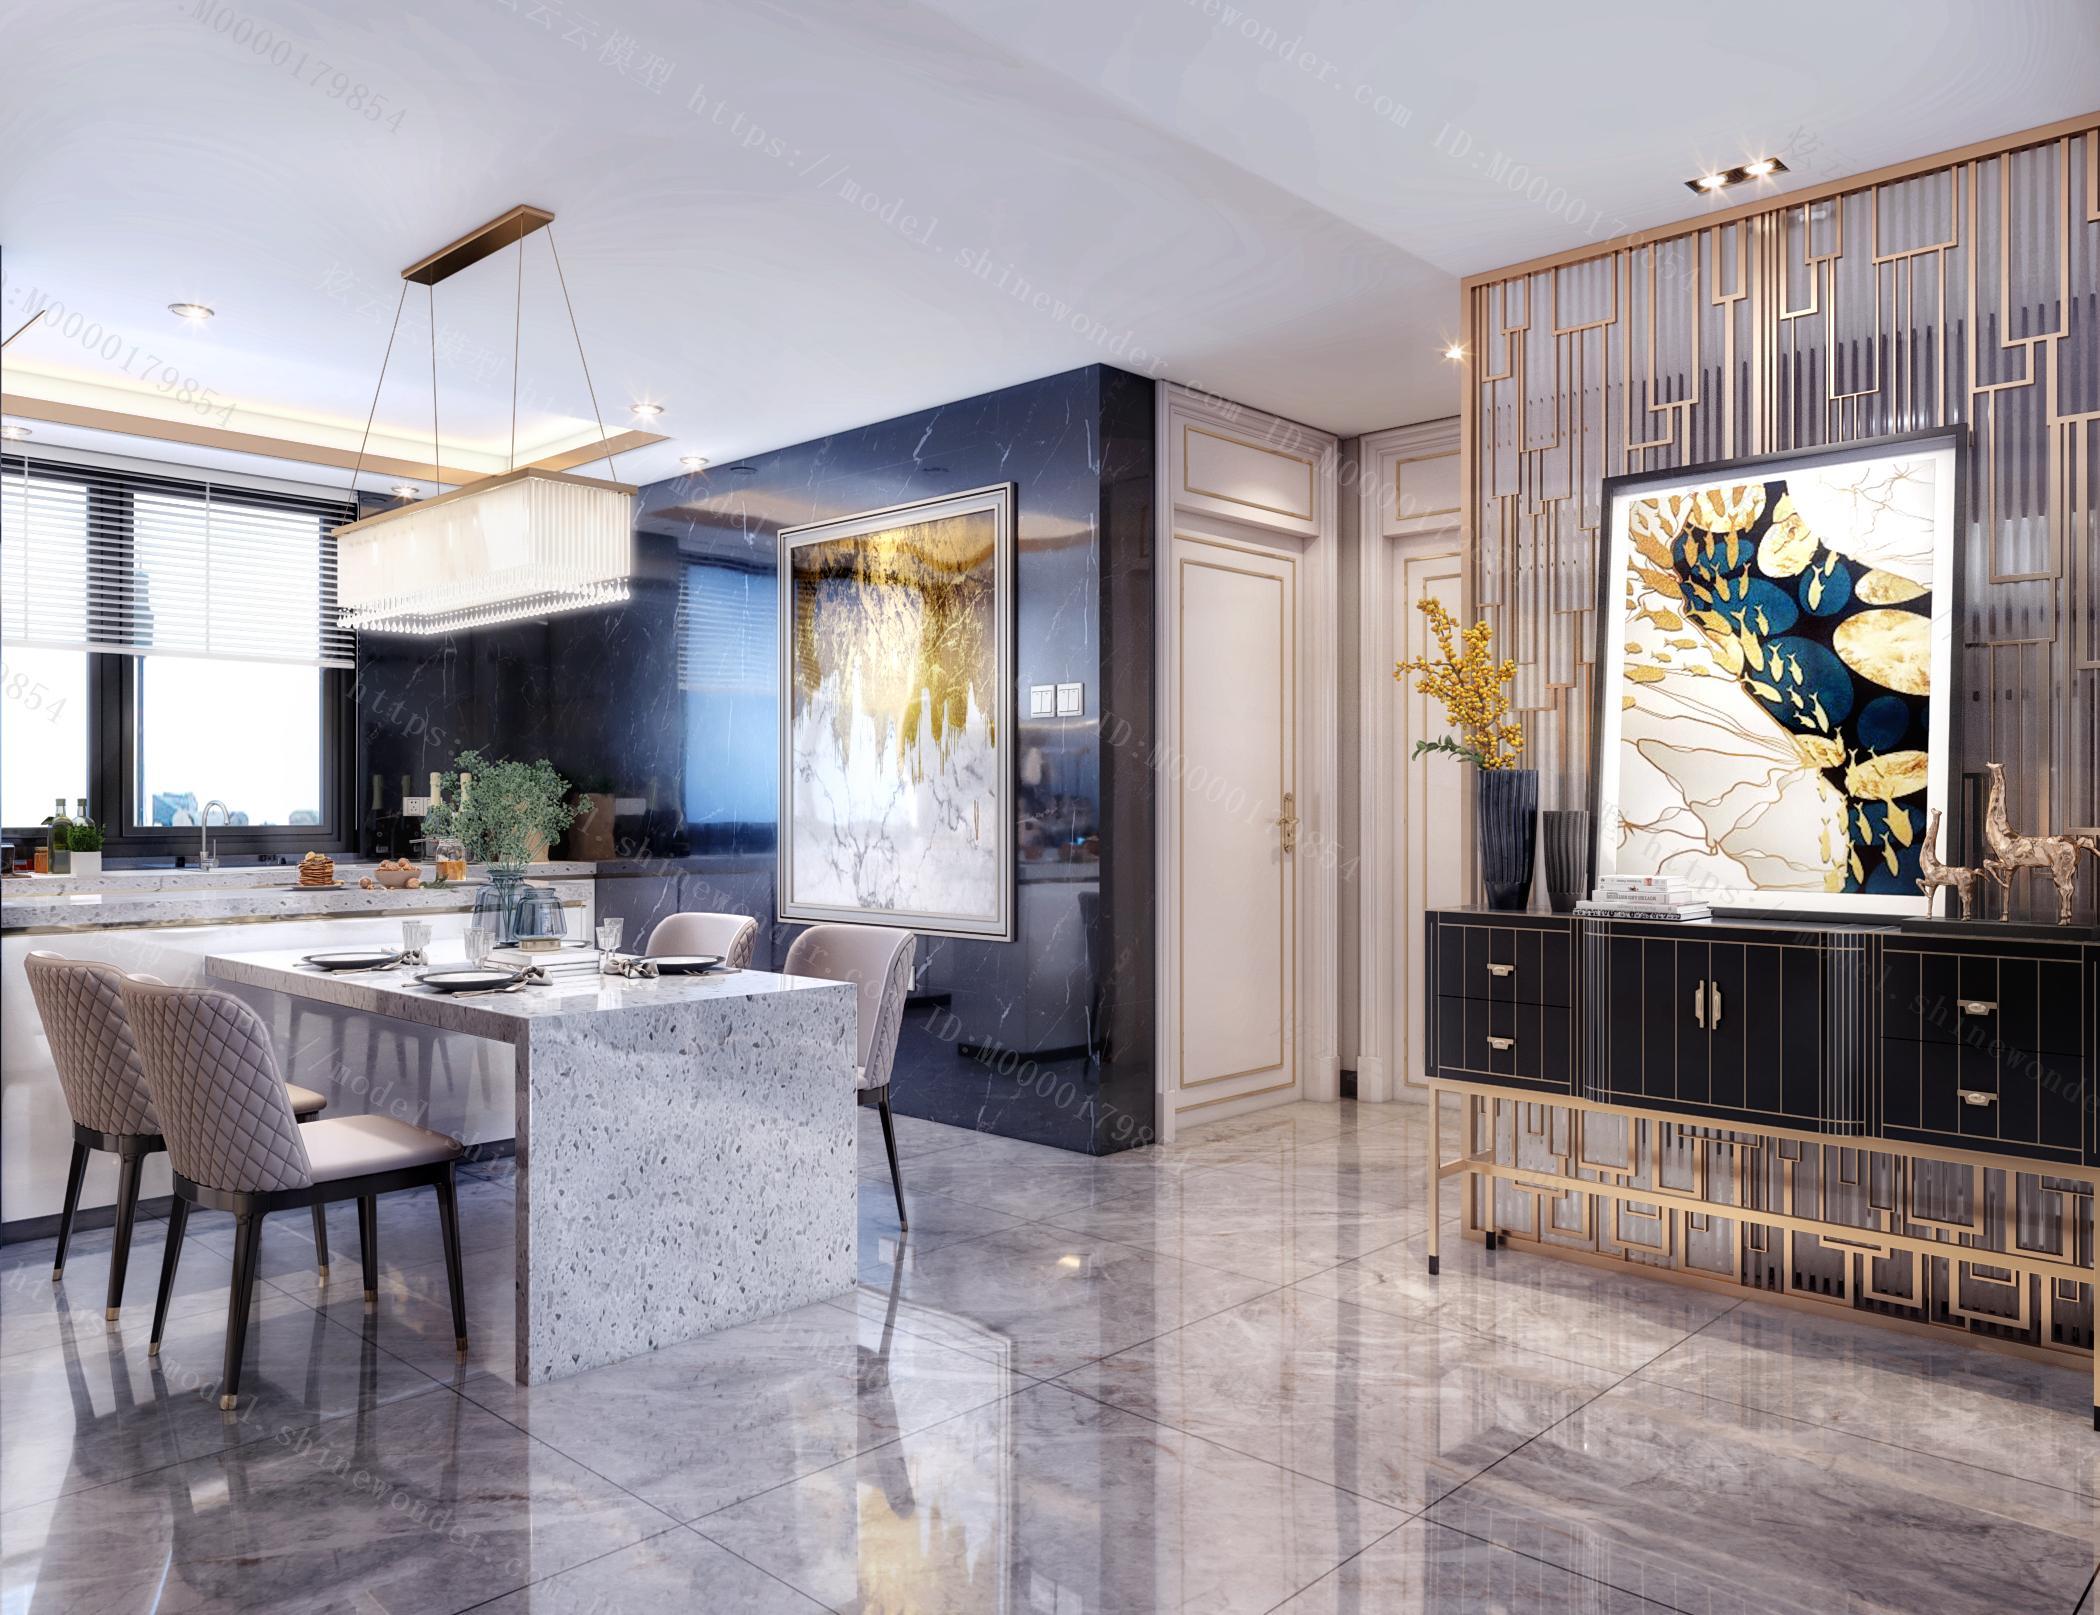 现代黑白灰轻奢客餐厅厨房门厅模型